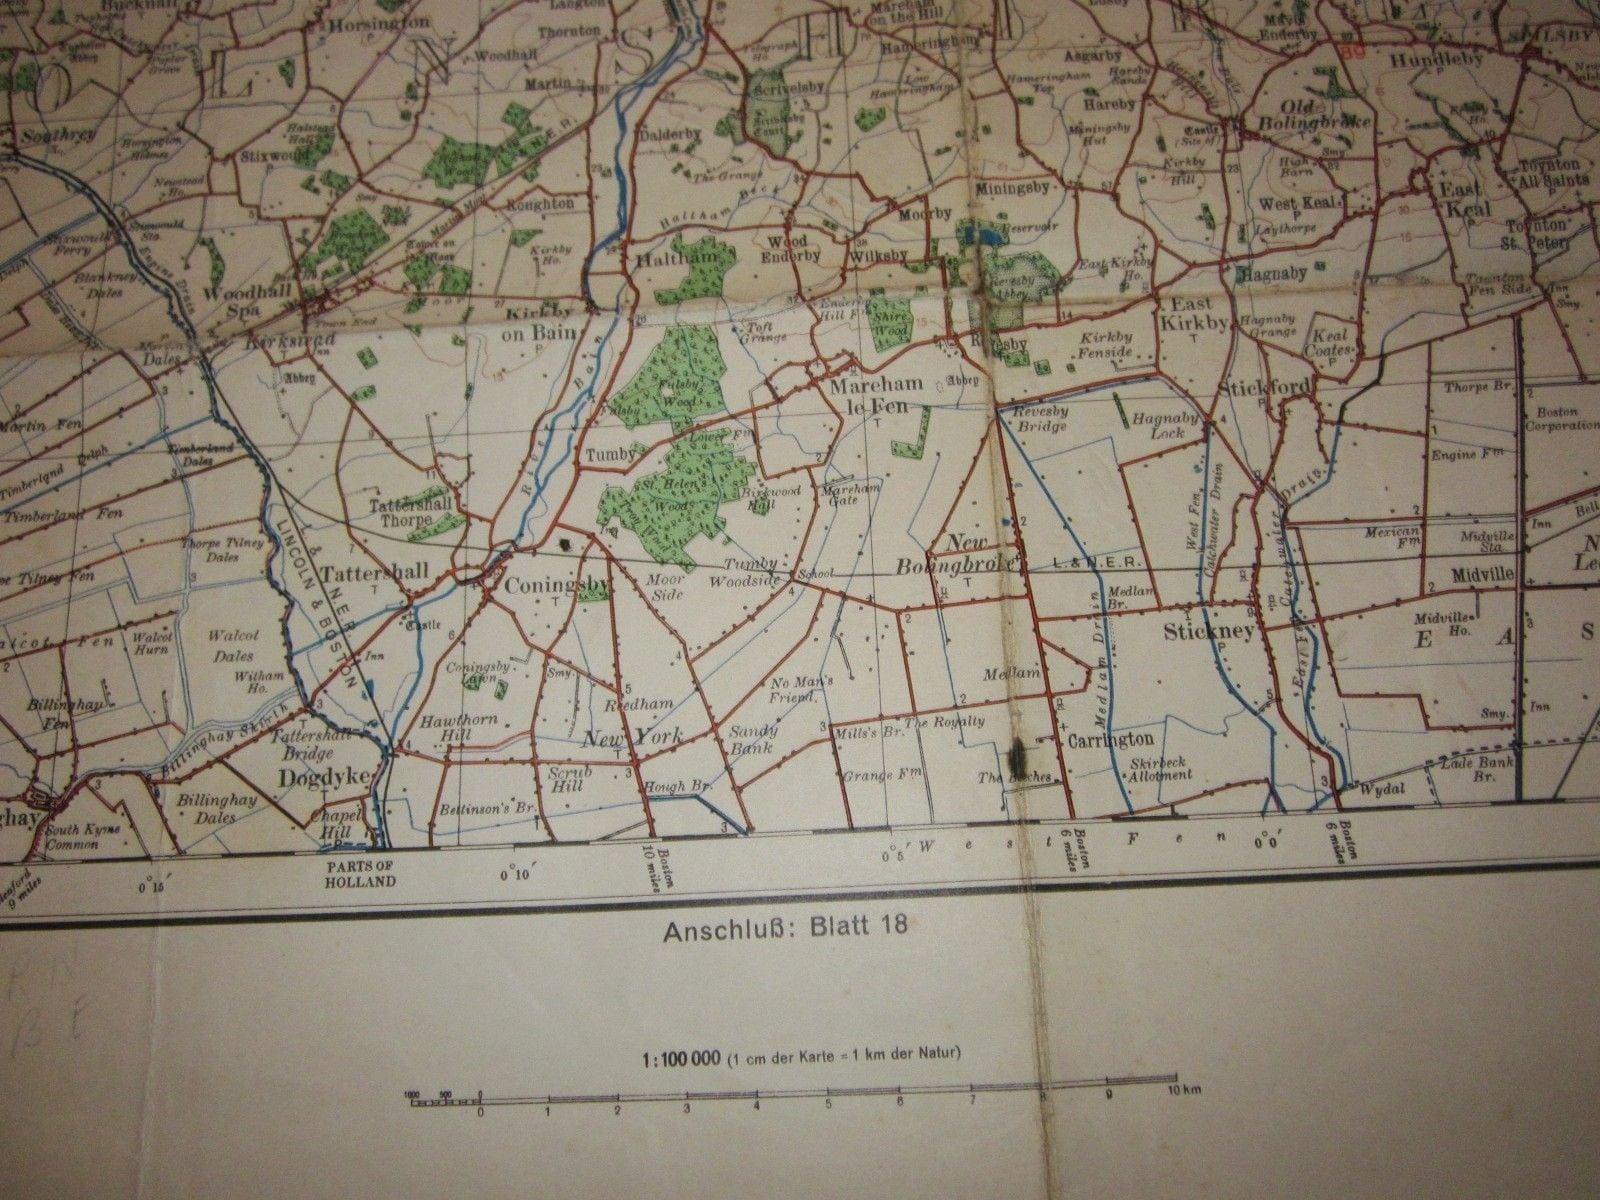 5 Lembar Voucher Mitra Adi Perkasa Map 100000 Voucher Map 100k Ww2 German 1100000 Fliegerkarte Pilot